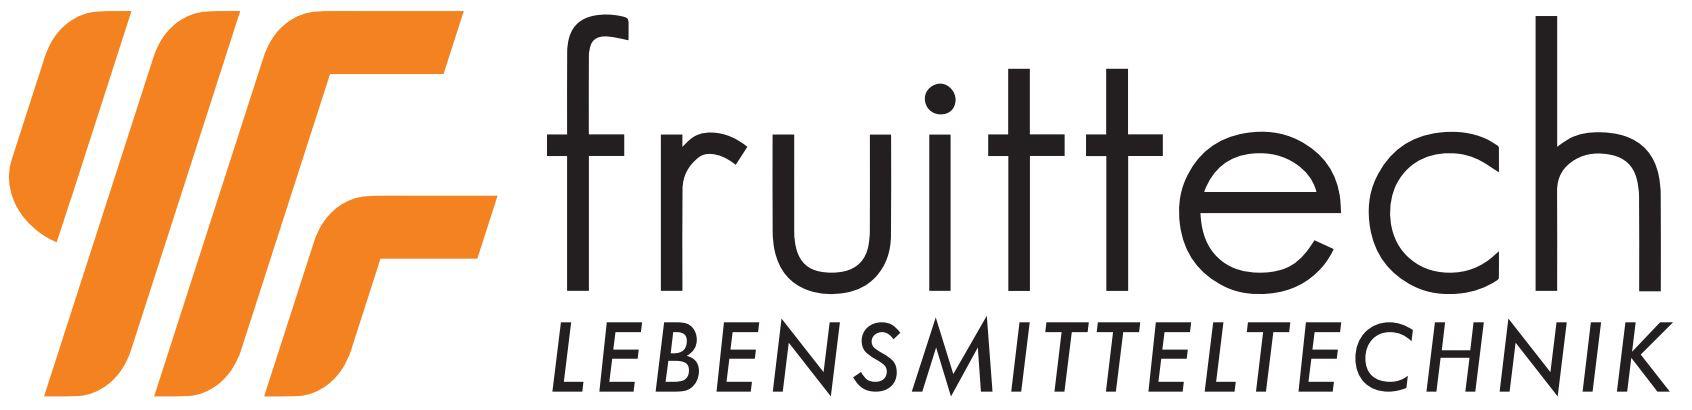 Fruittech Lebensmittel GmbH | Fruittech Lebensmittel GmbH - Veredelung von Lebensmittel - Raab/Oberösterreich; Abfüll- Entstein- Passier- Erhitzungs- Wasch- Mahlanlagen; Pumpen